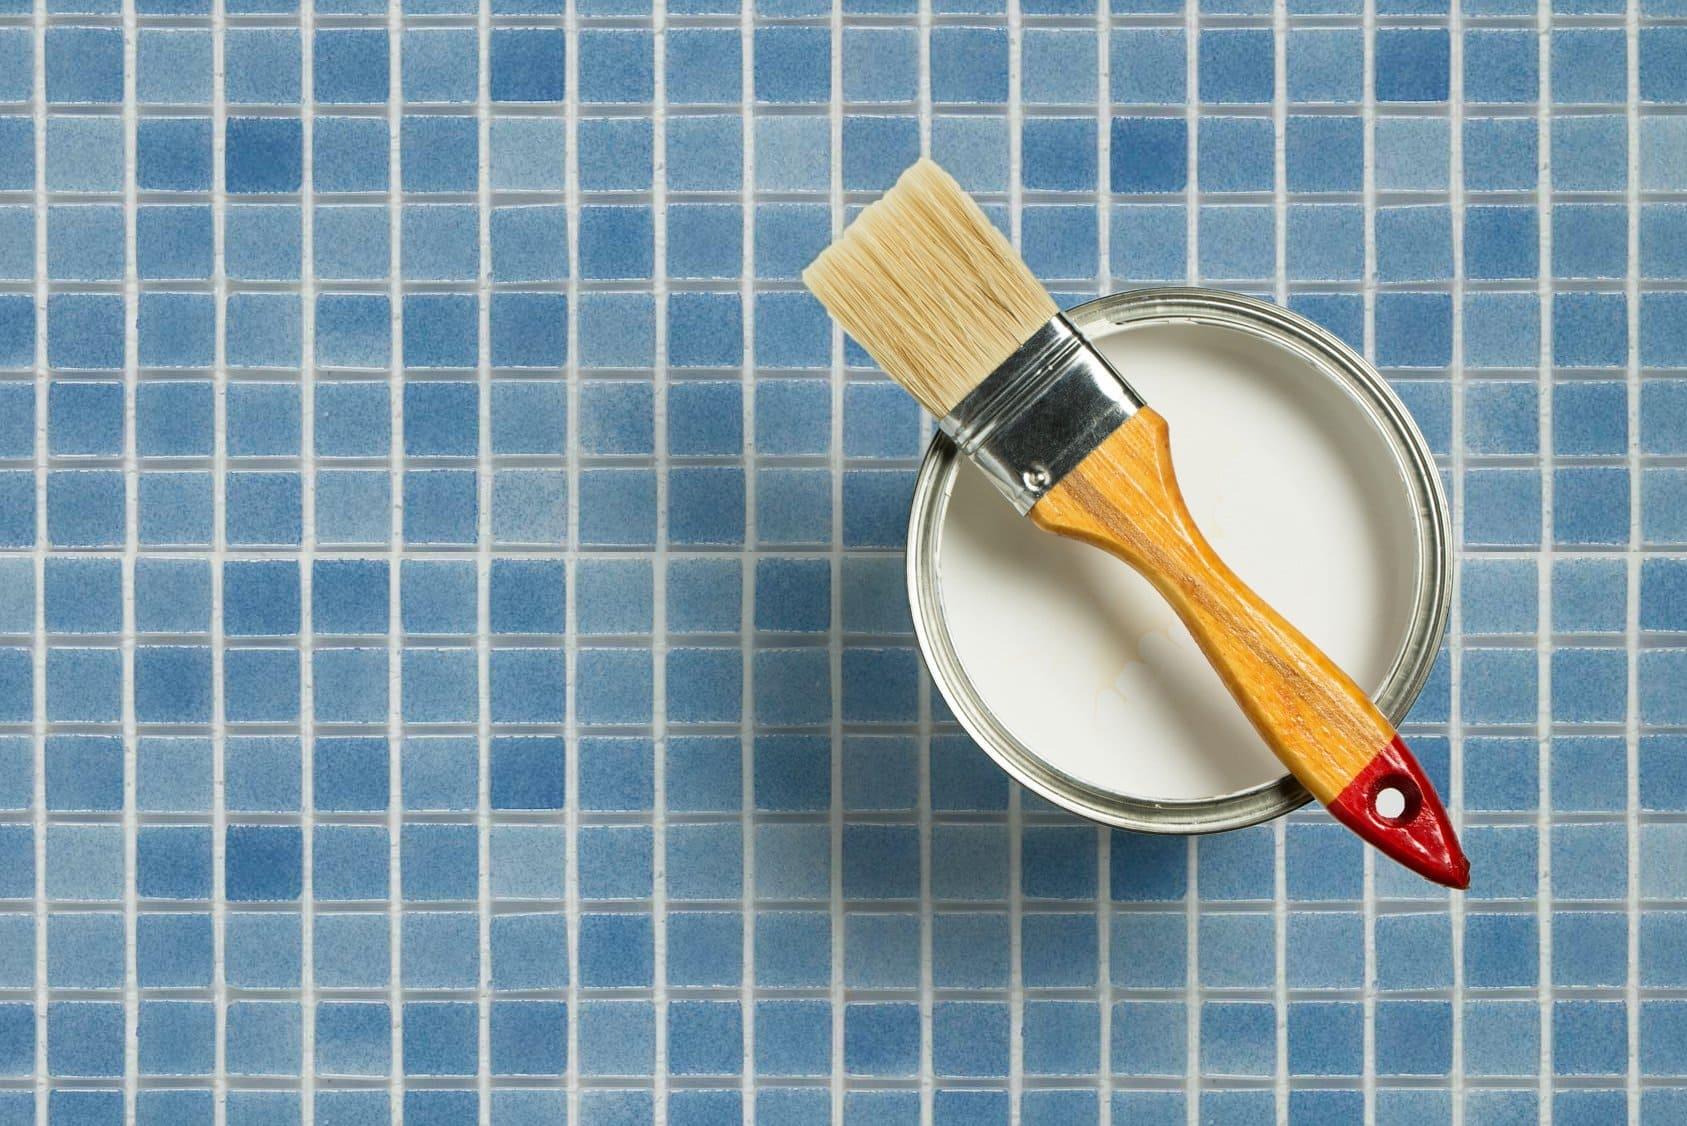 ¿Se pueden pintar azulejos rugosos?